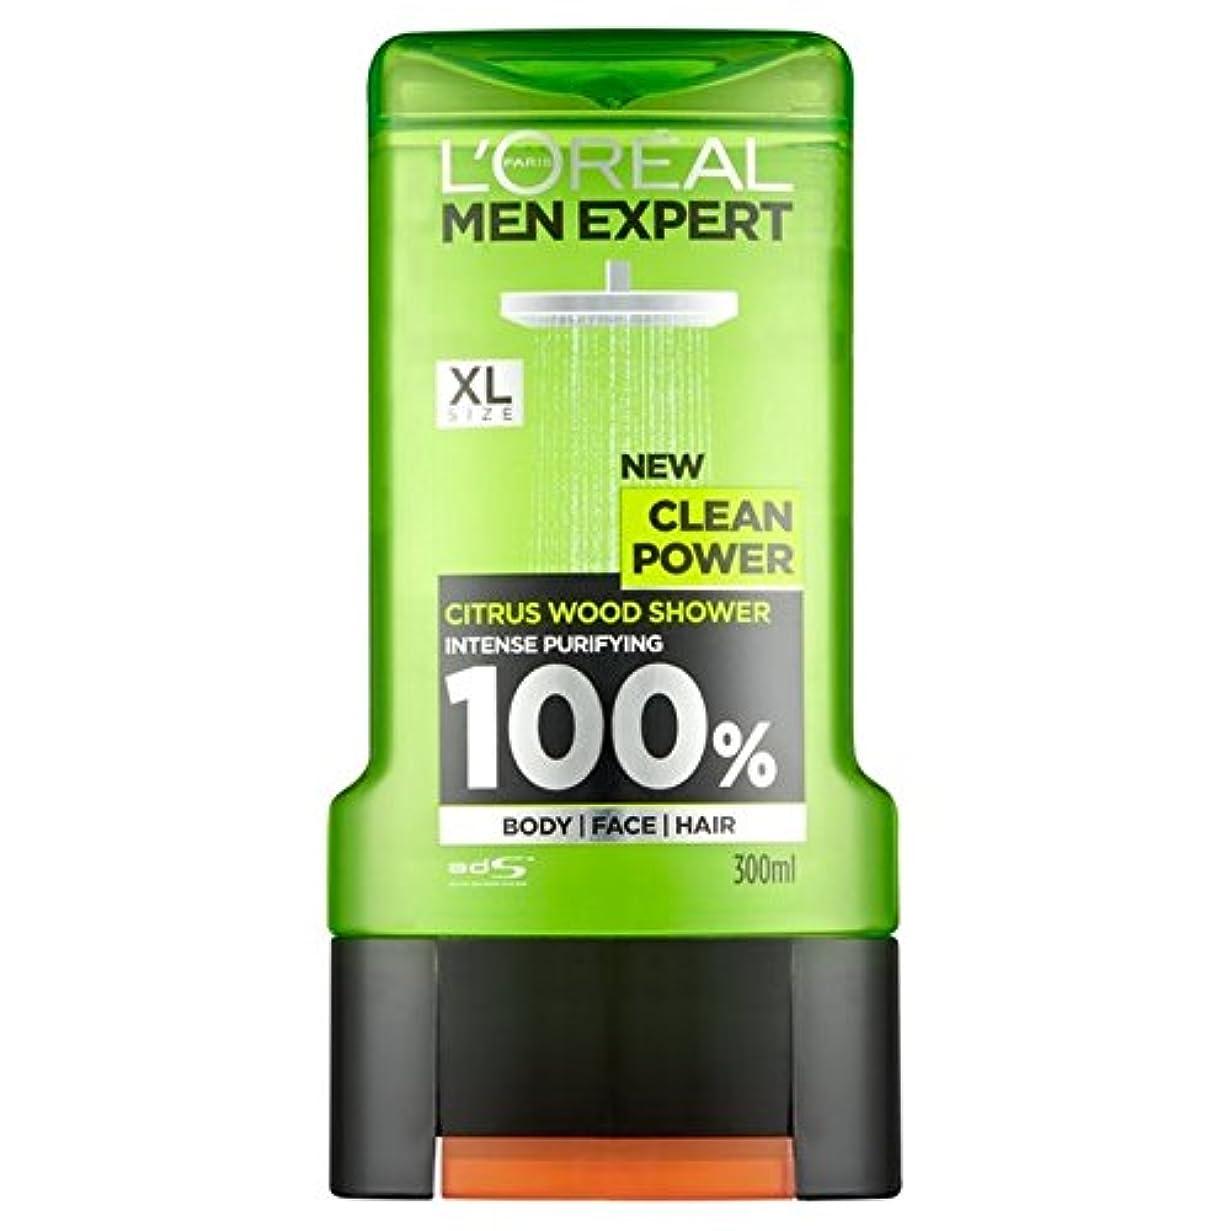 有益ブリリアントすぐにロレアルパリの男性の専門家クリーンパワーシャワージェル300ミリリットル x4 - L'Oreal Paris Men Expert Clean Power Shower Gel 300ml (Pack of 4) [並行輸入品]